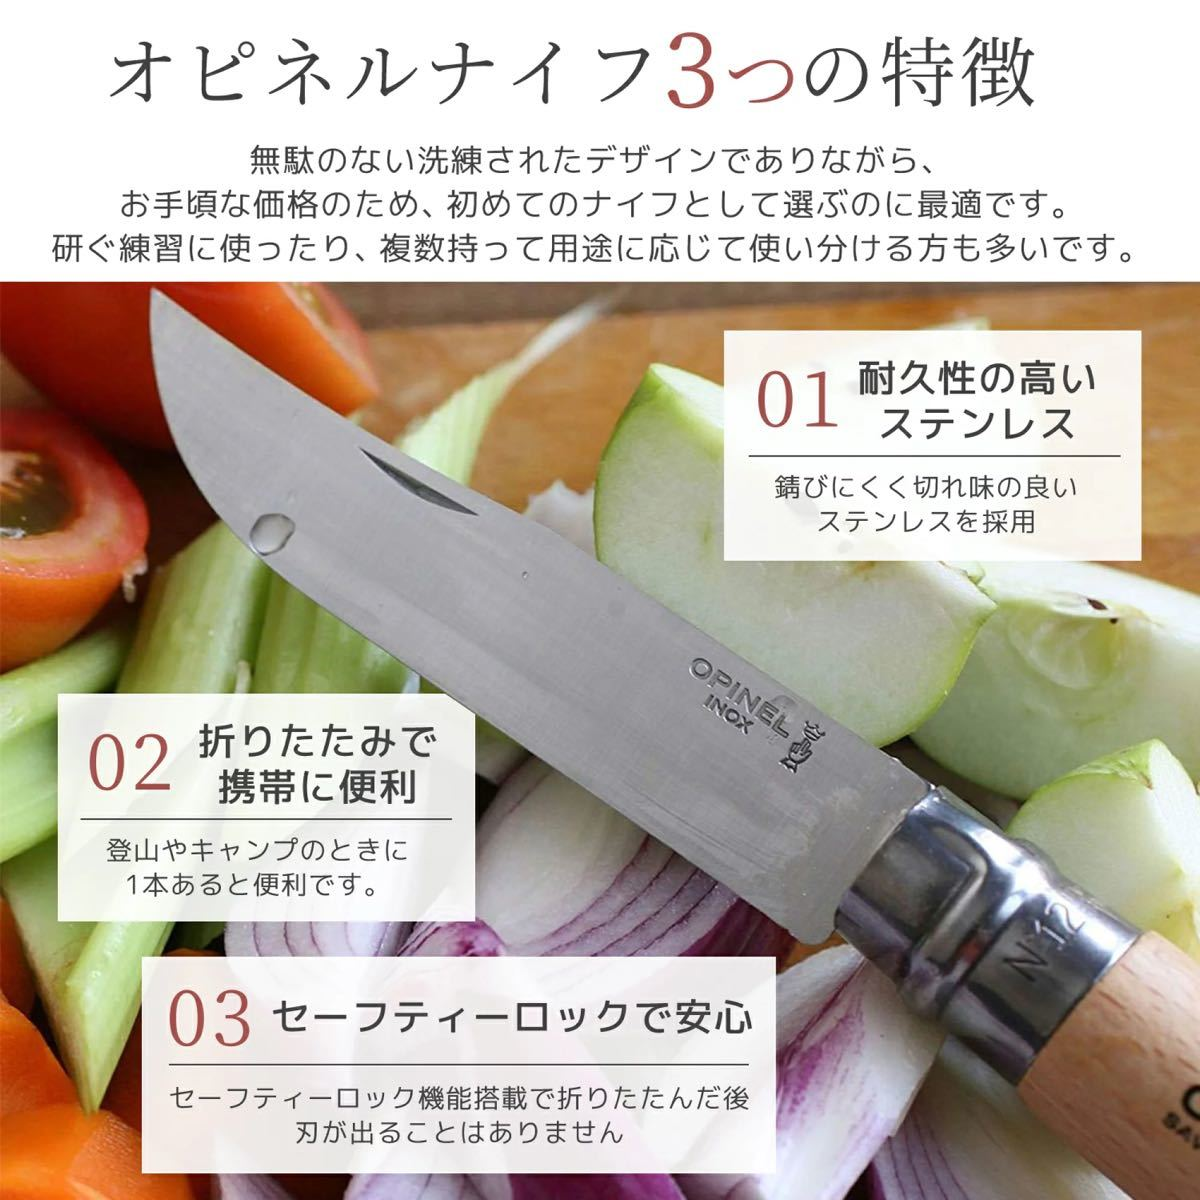 オピネルナイフ #8 8.5cm  新品 ソロキャンプに オススメ